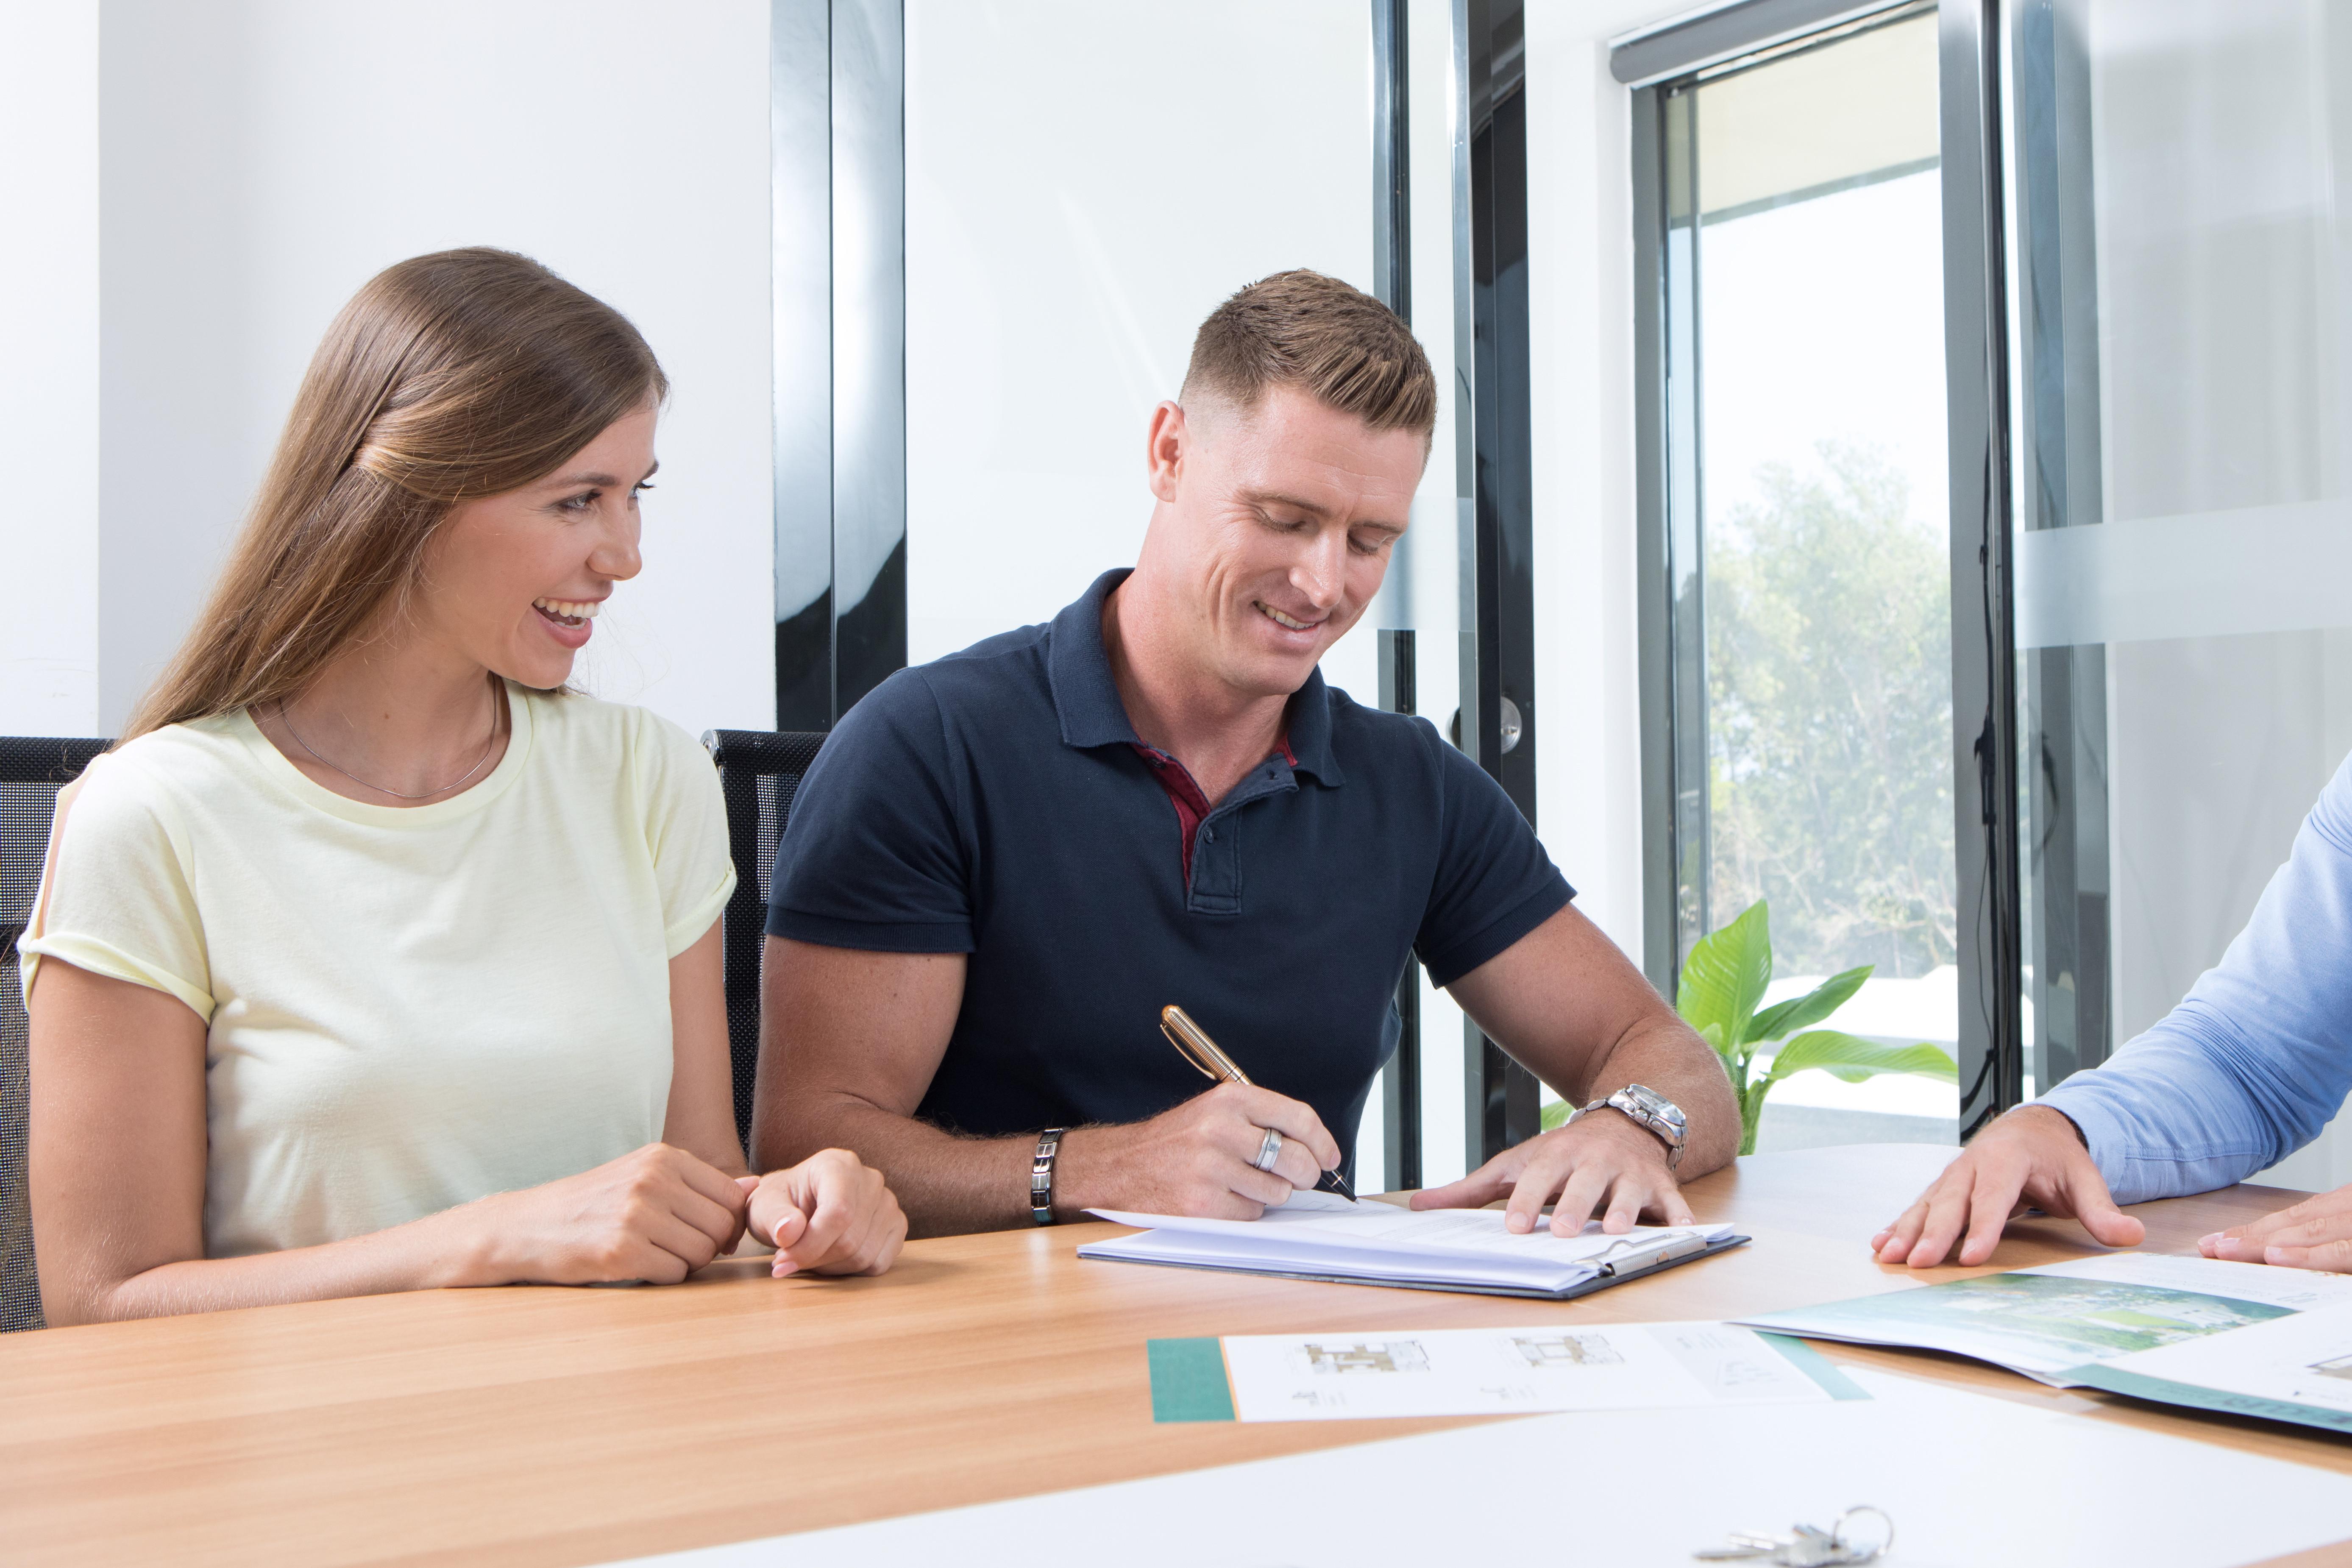 Client Follow Up Meeting